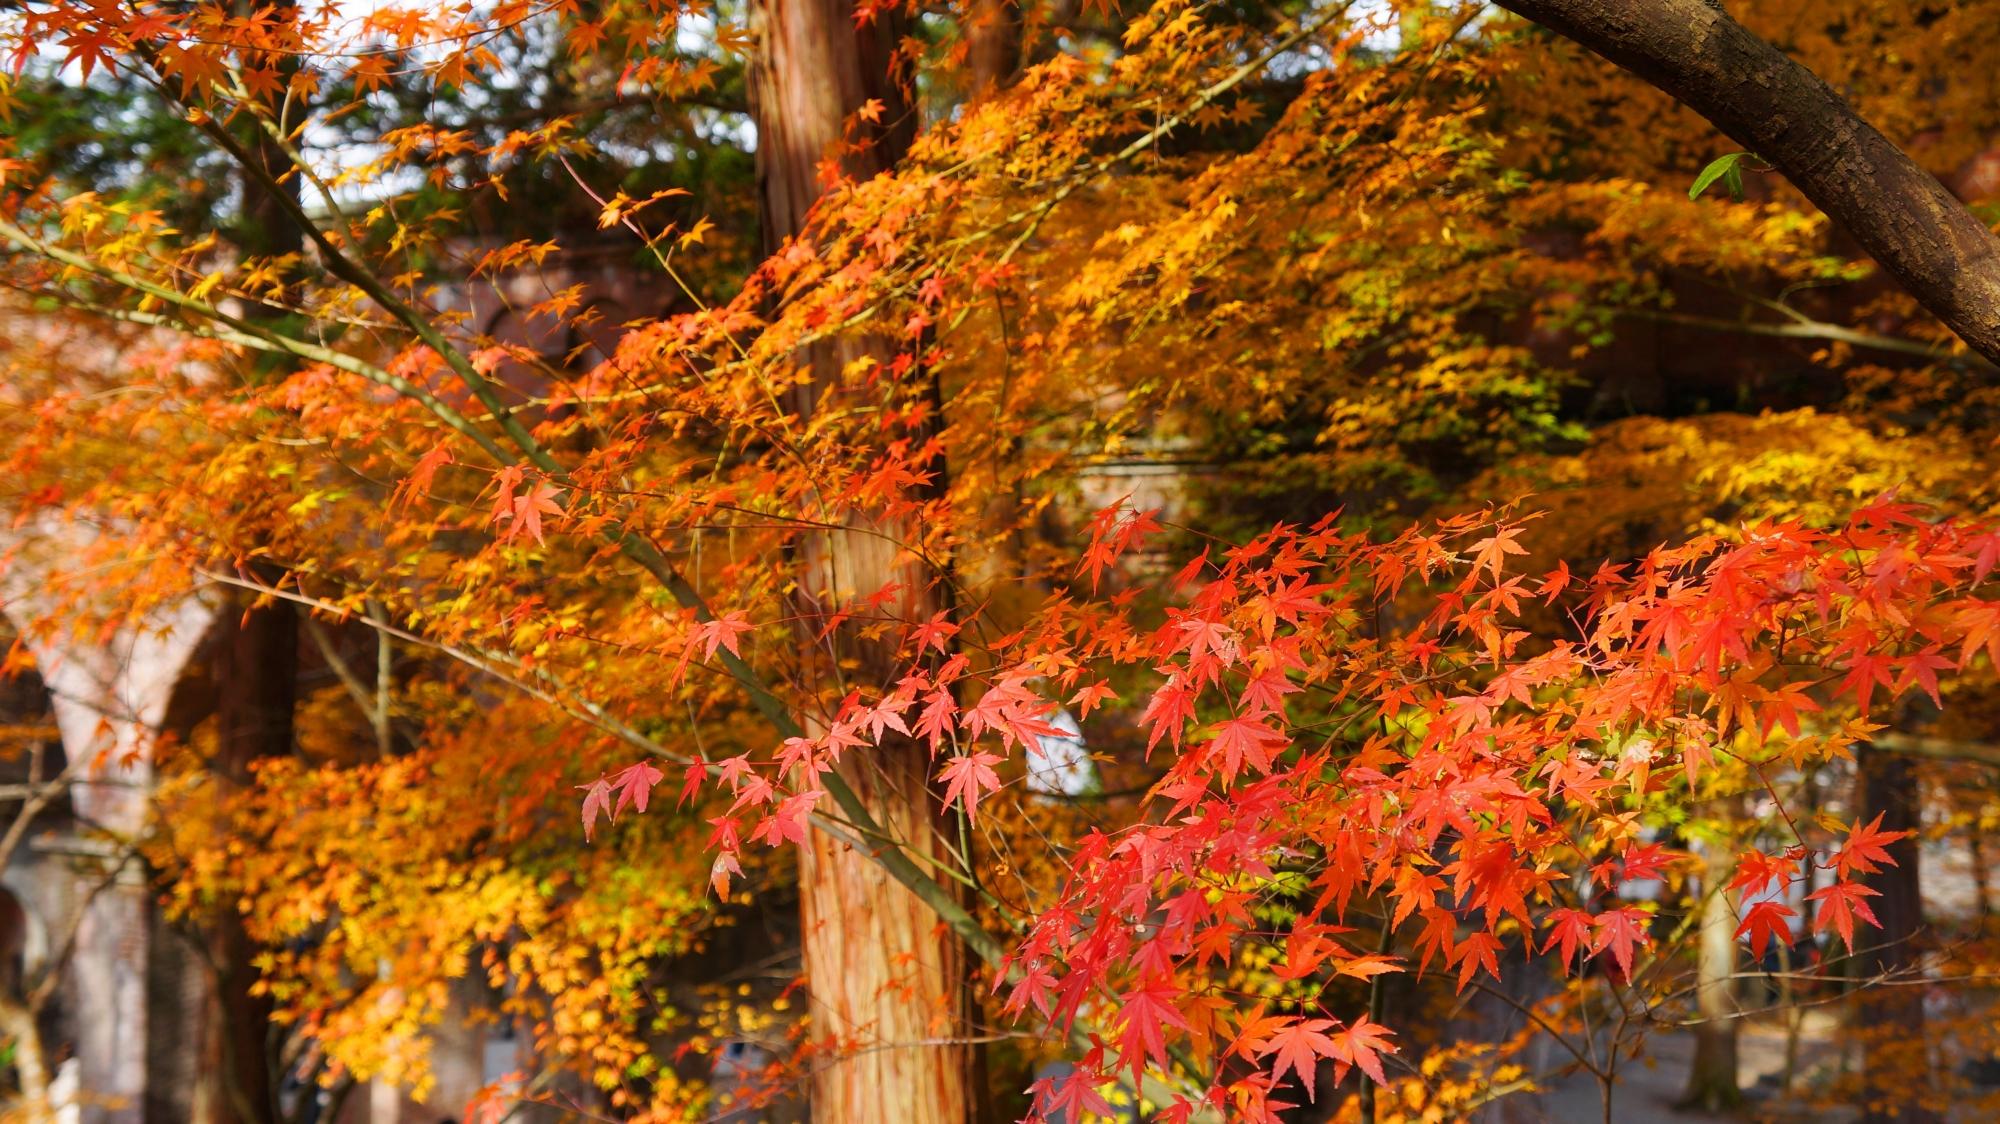 水路閣の爽やかな秋色の紅葉